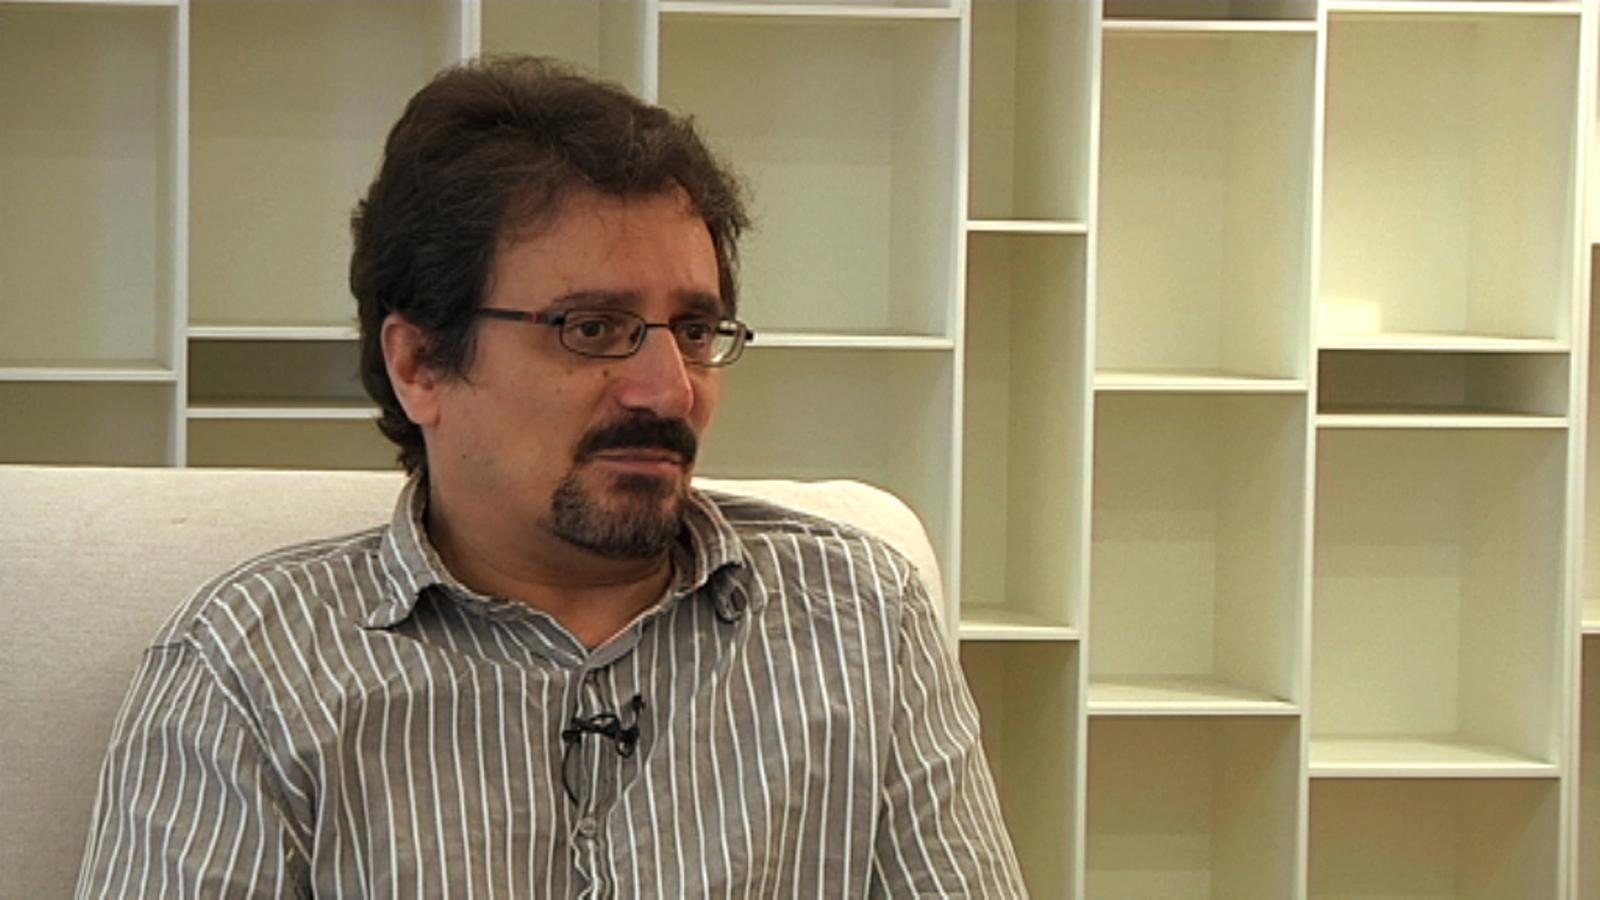 Albert Sánchez Piñol: Avui estem vius com a poble gràcies al sacrifici de la generació del 1714